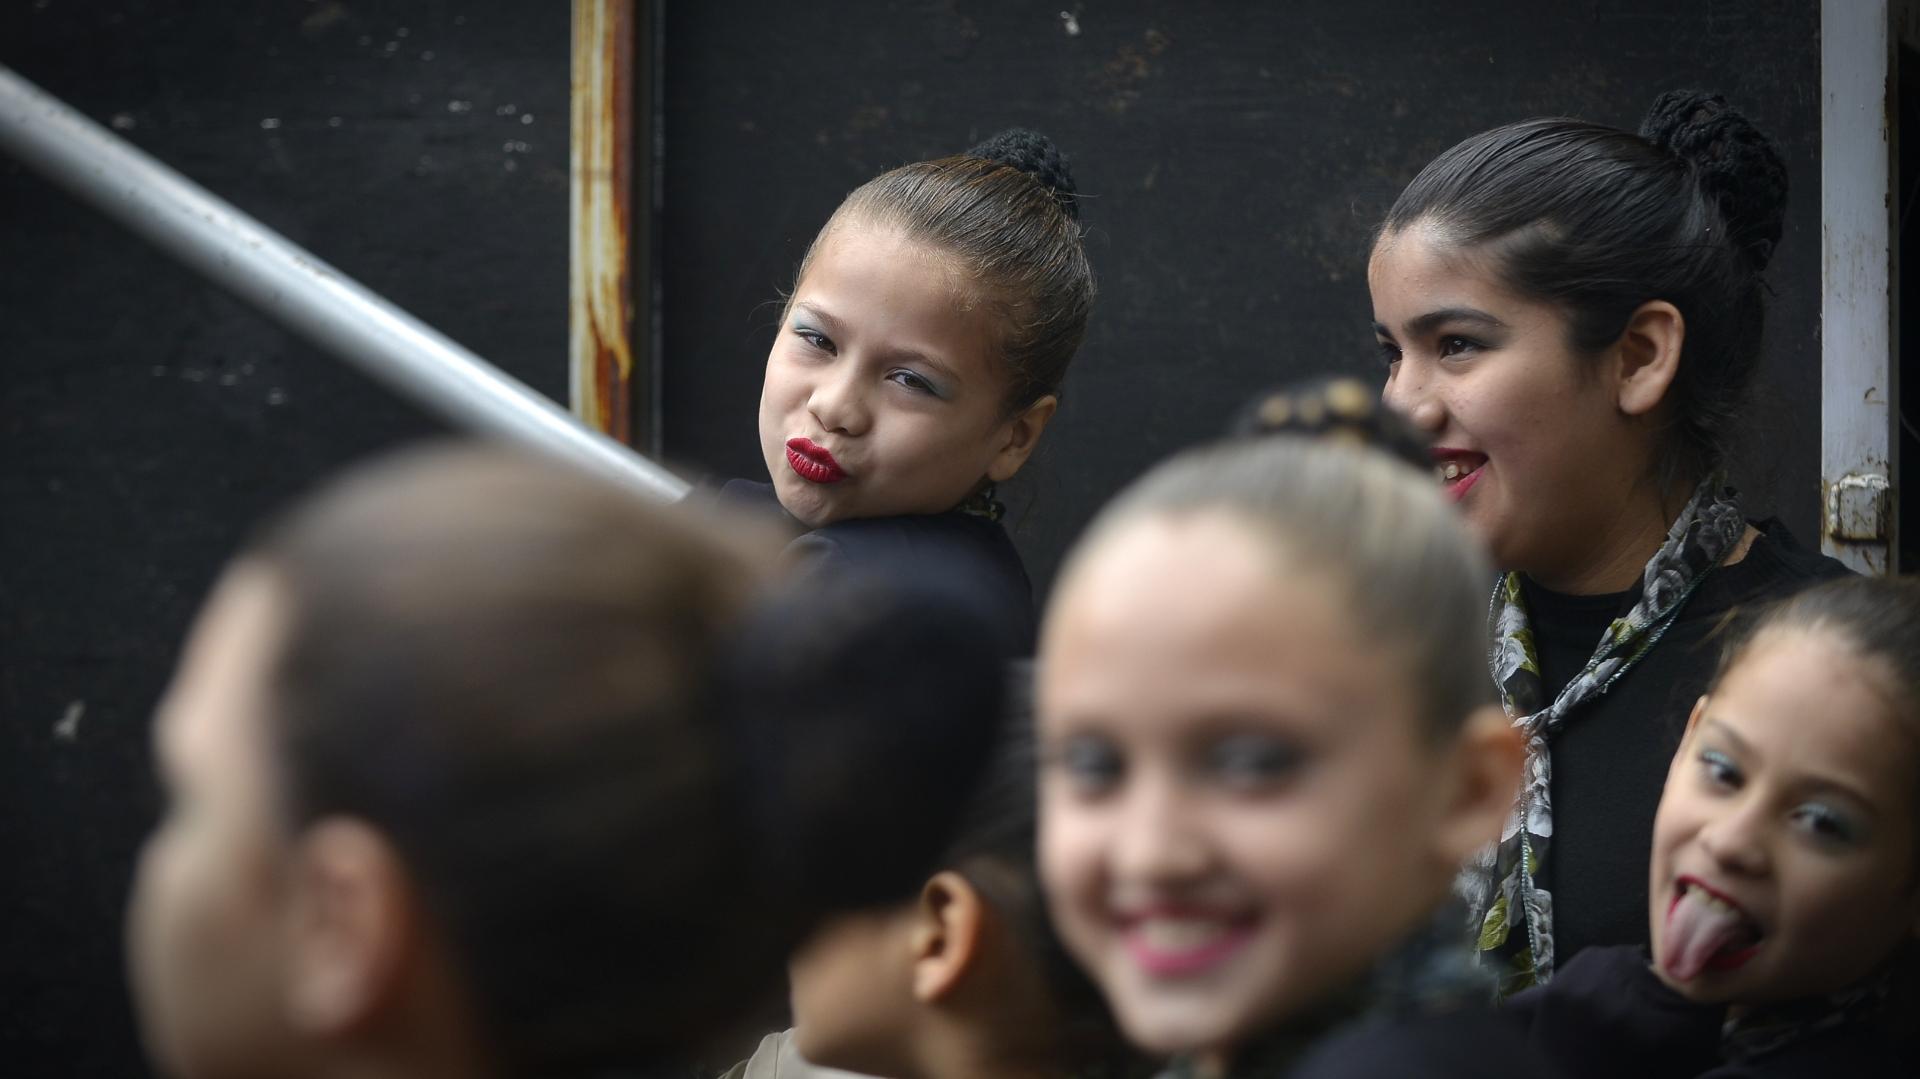 Chicas de uno de los grupos de danza en previo a su presentación en el escenario